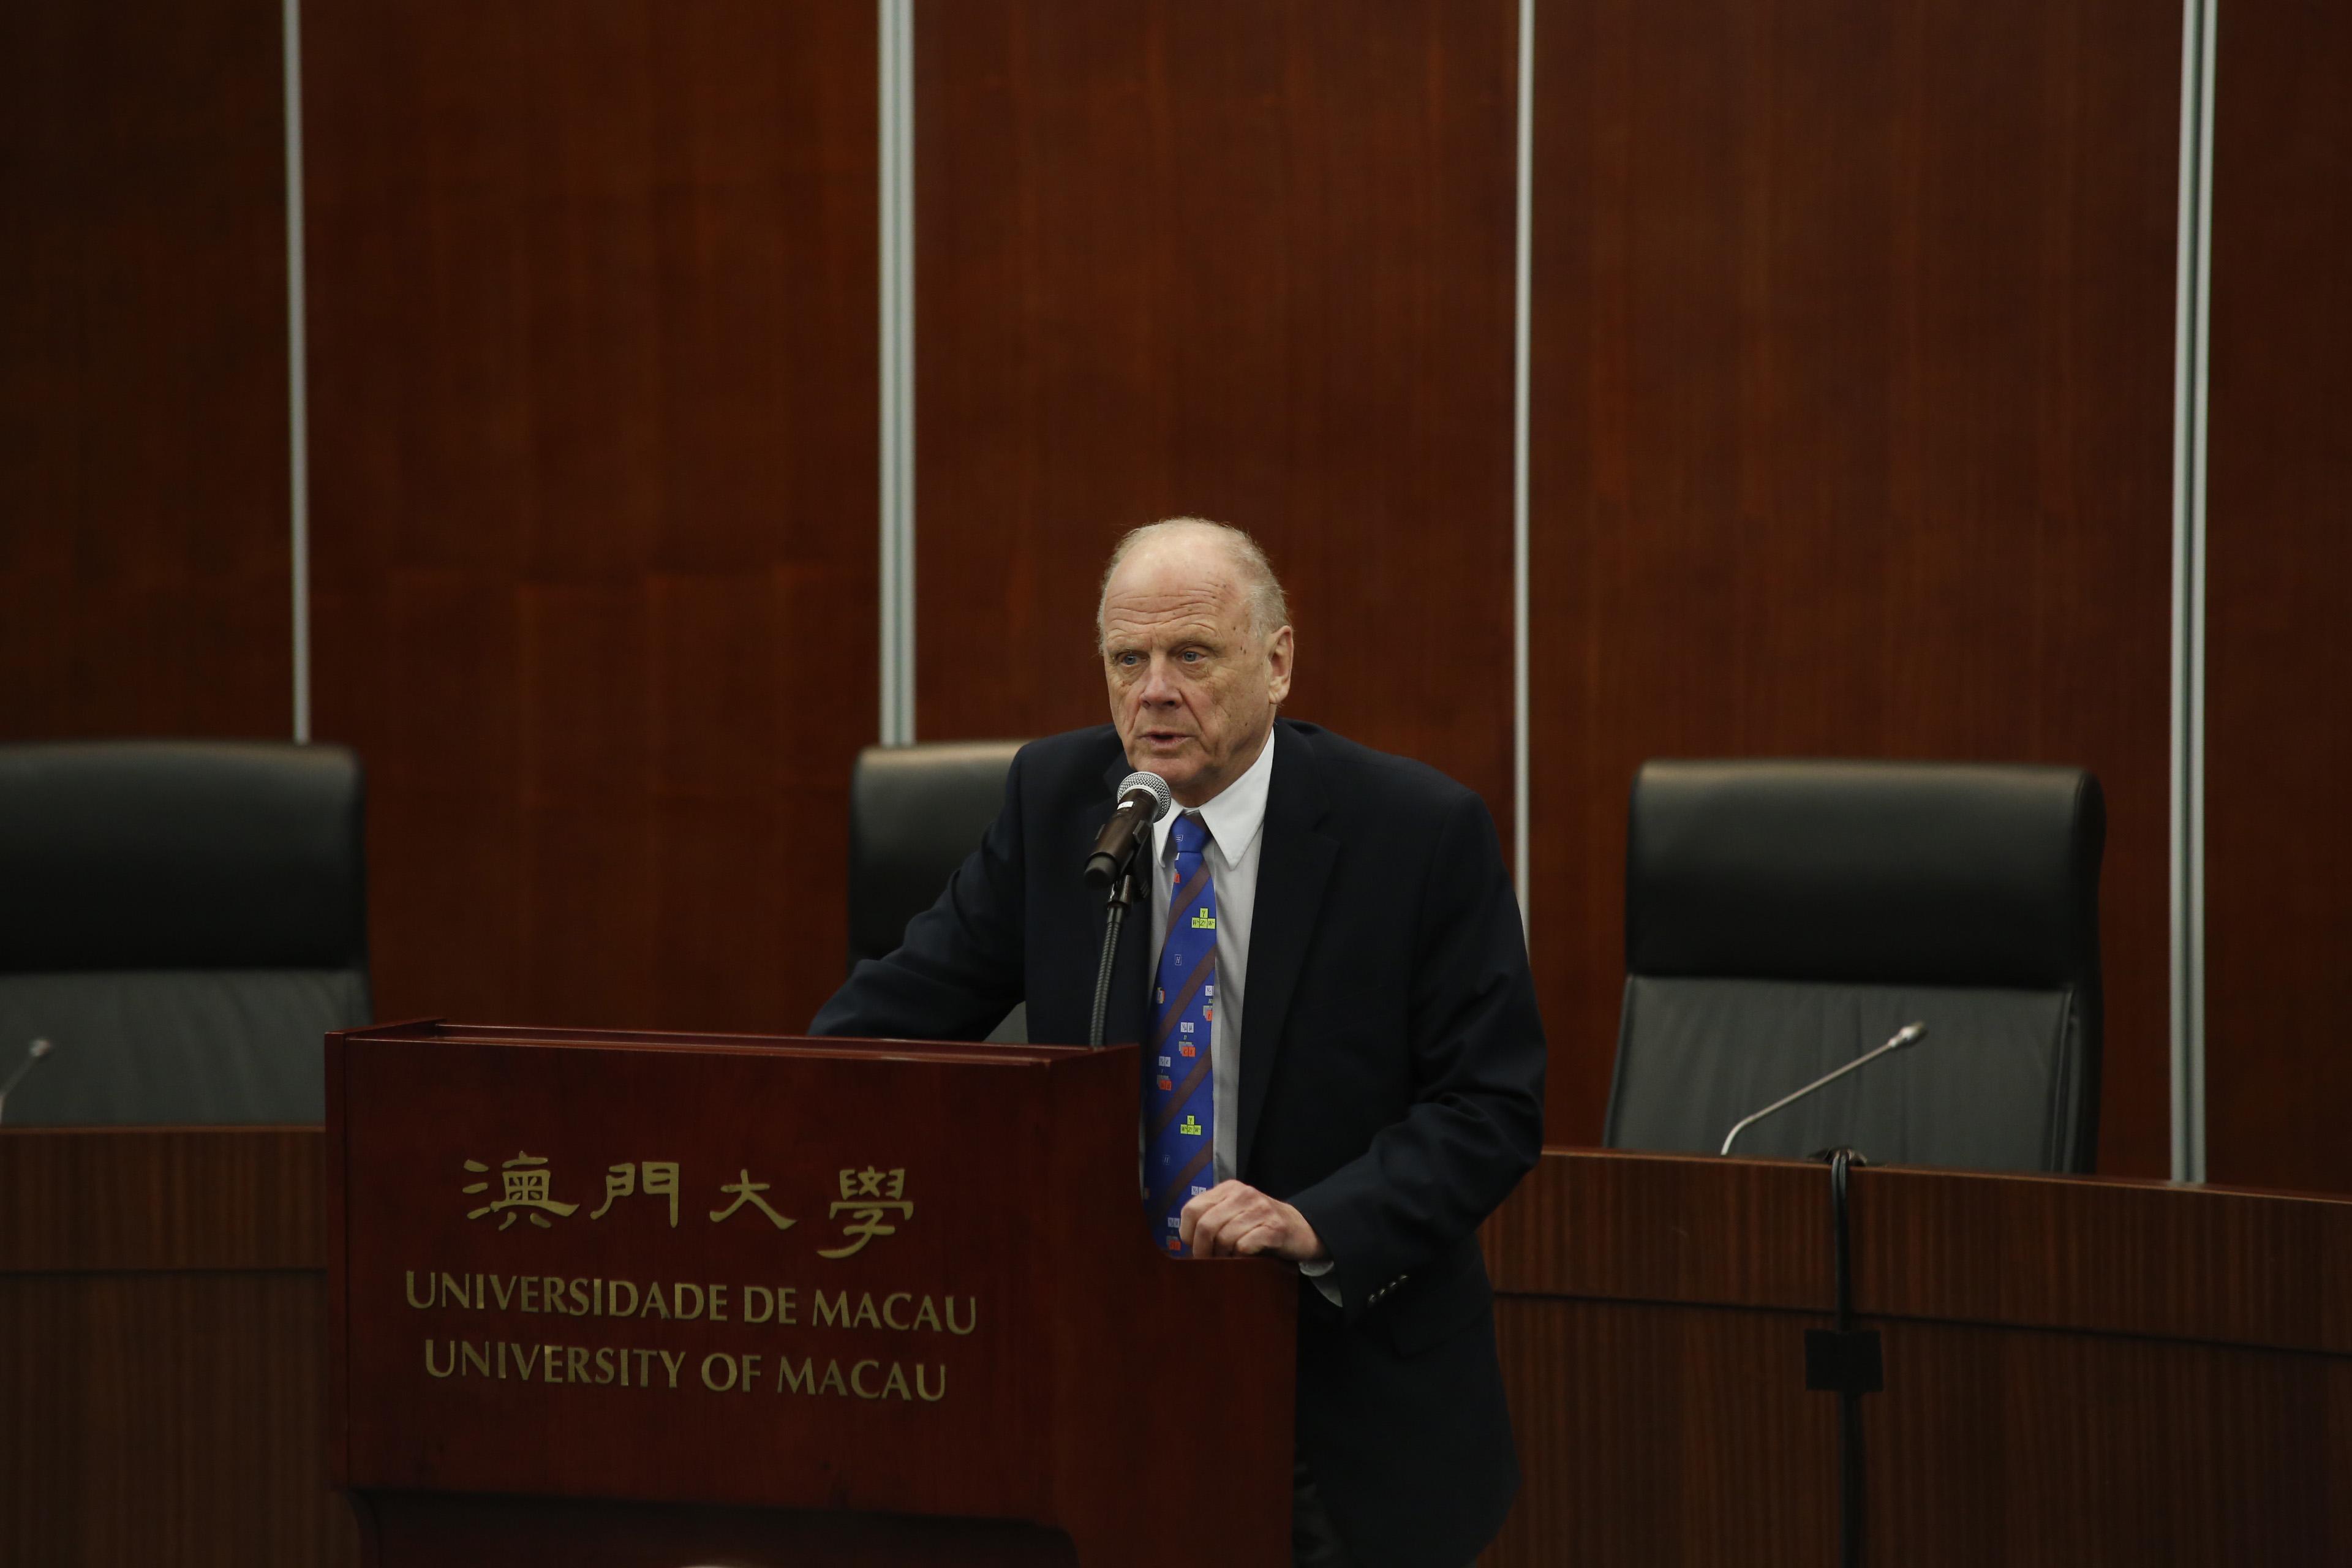 諾貝爾物理學獎評審委員會前主席Lars Brink教授